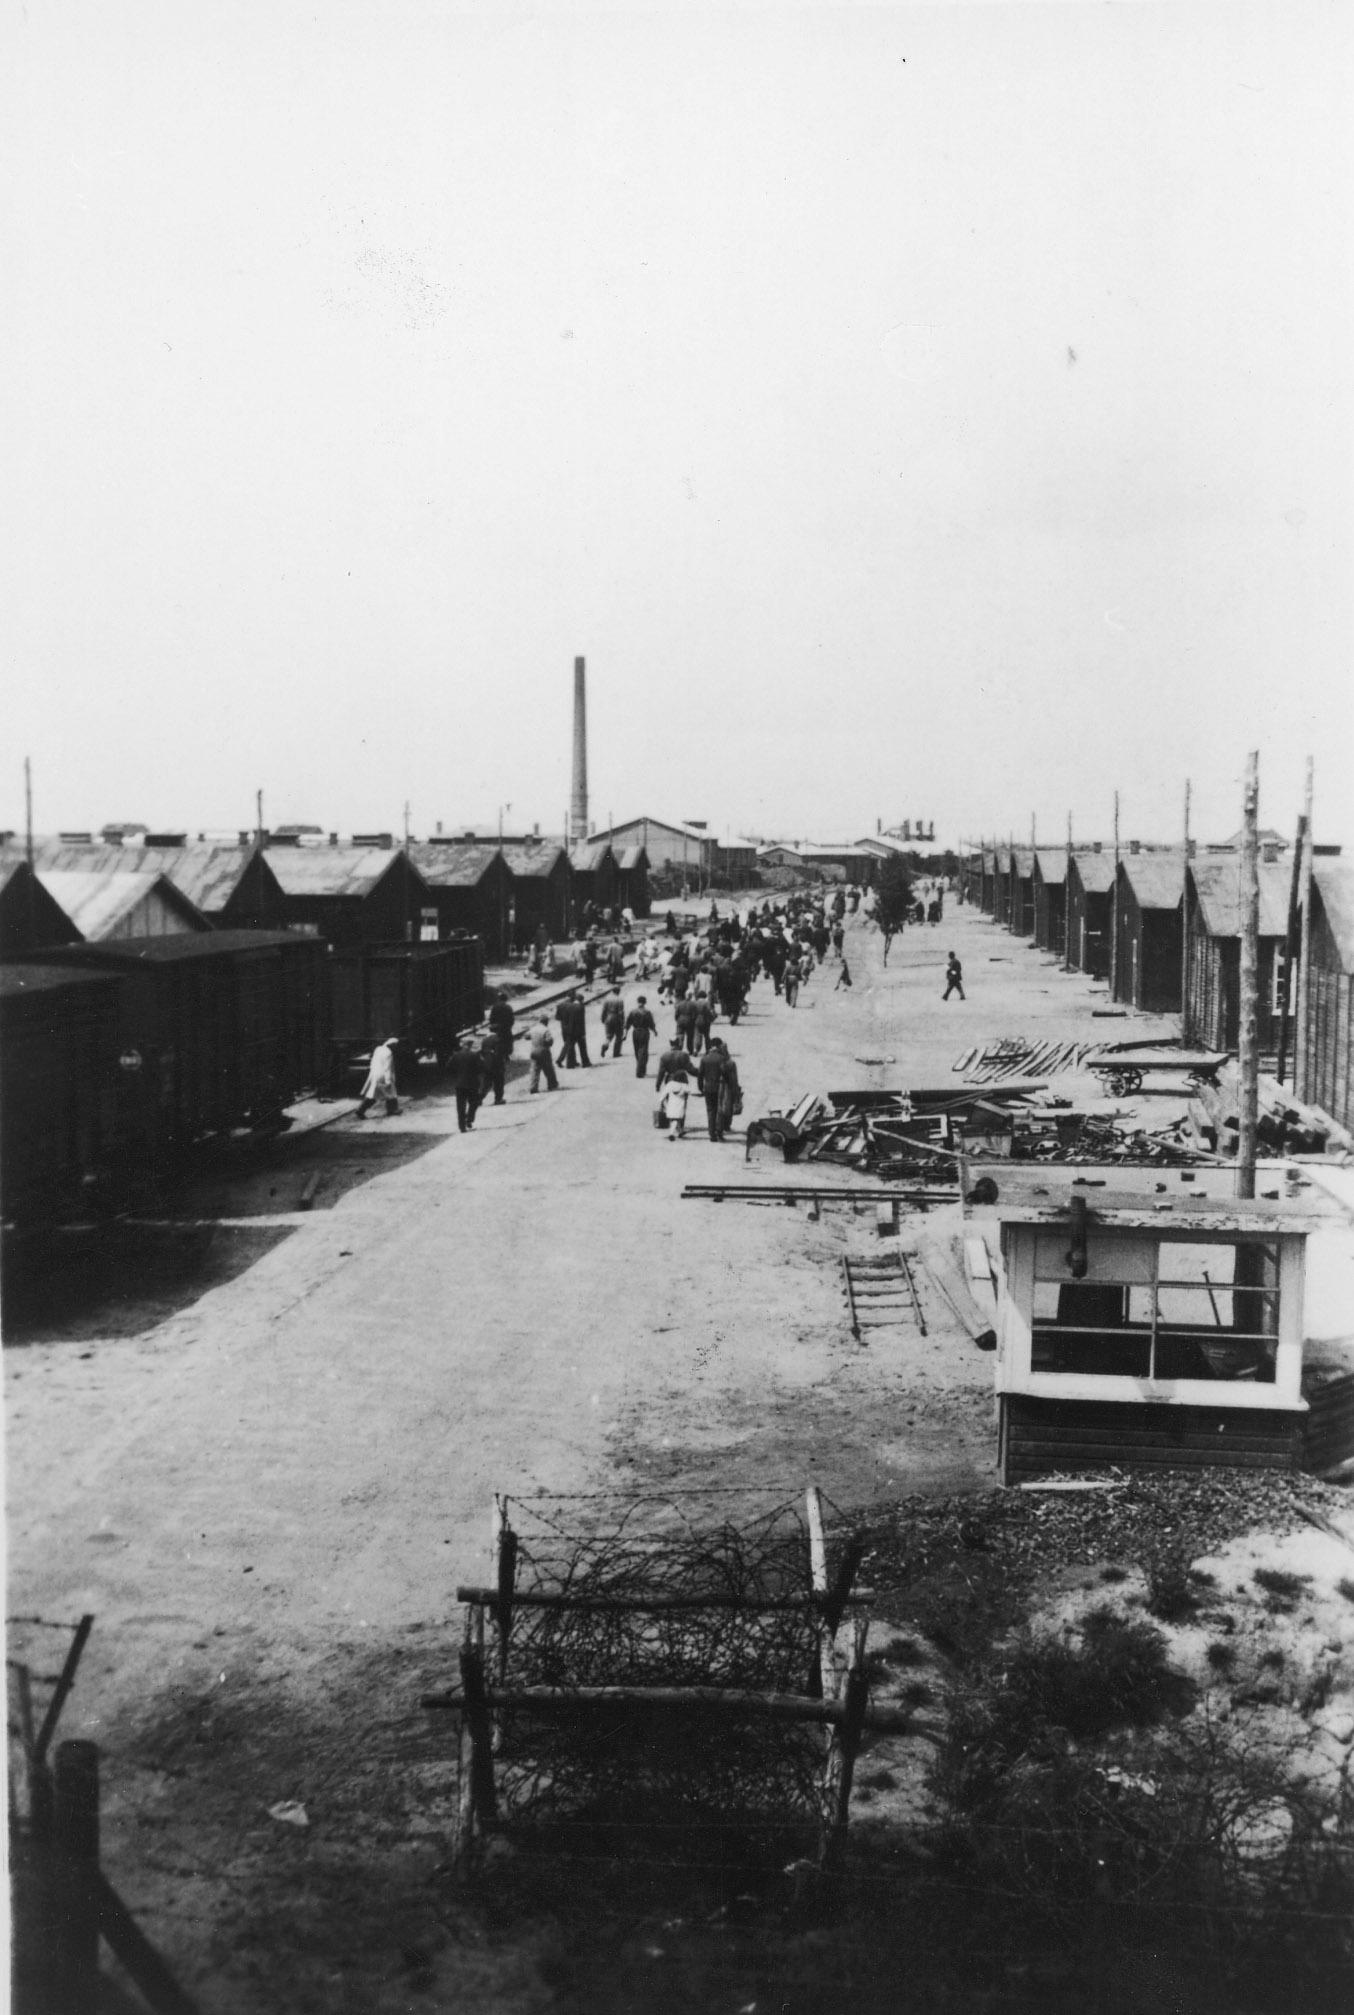 Herinneringscentrum Kamp Westerbork-NIOD 2